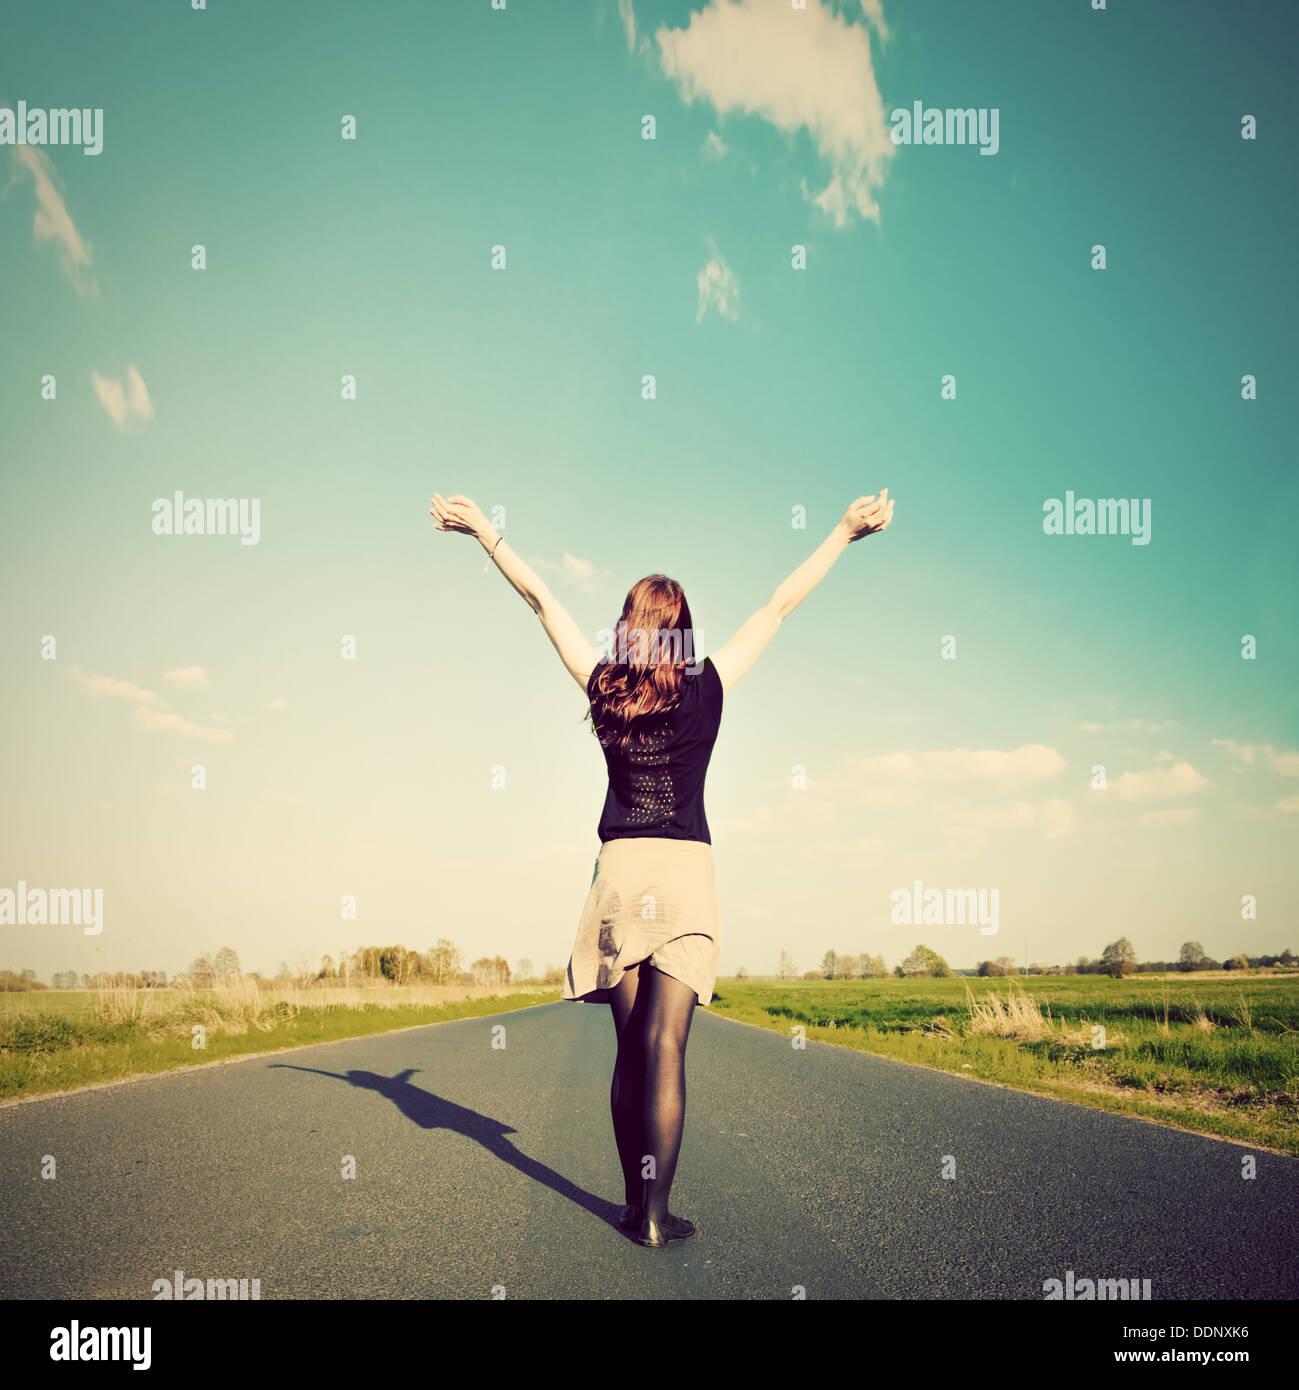 Donna felice in piedi con le mani in alto sulla strada diritta rivolta verso il sole. Futuro / libertà / speranza / concetto di successo Immagini Stock